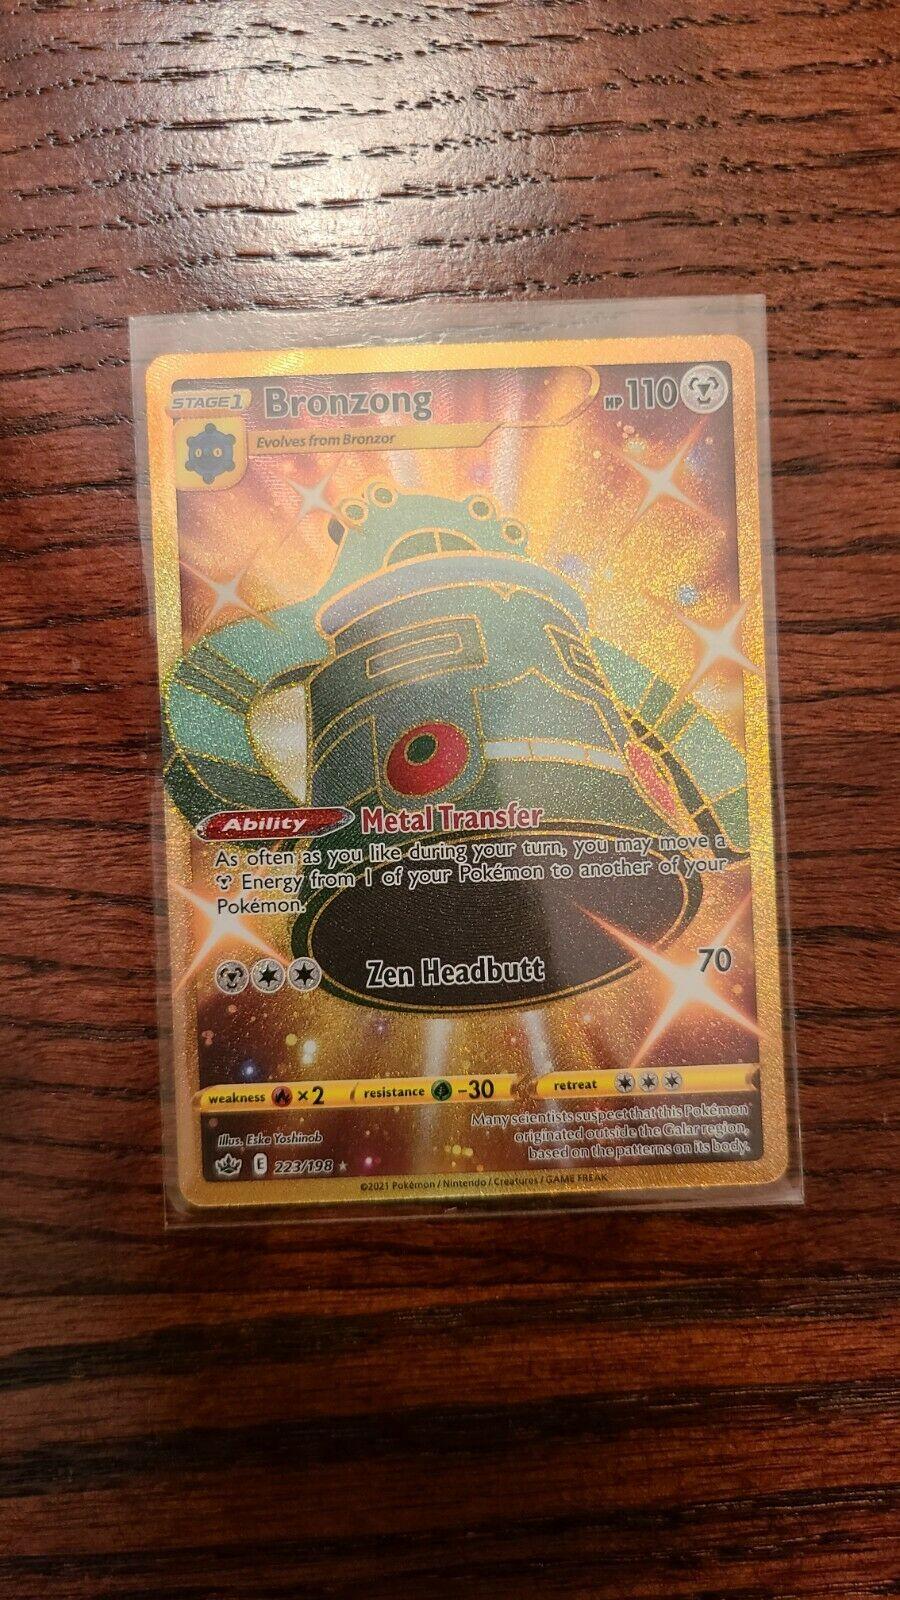 Pokemon Chilling Reign Bronzong Gold Secret Rare 223/198